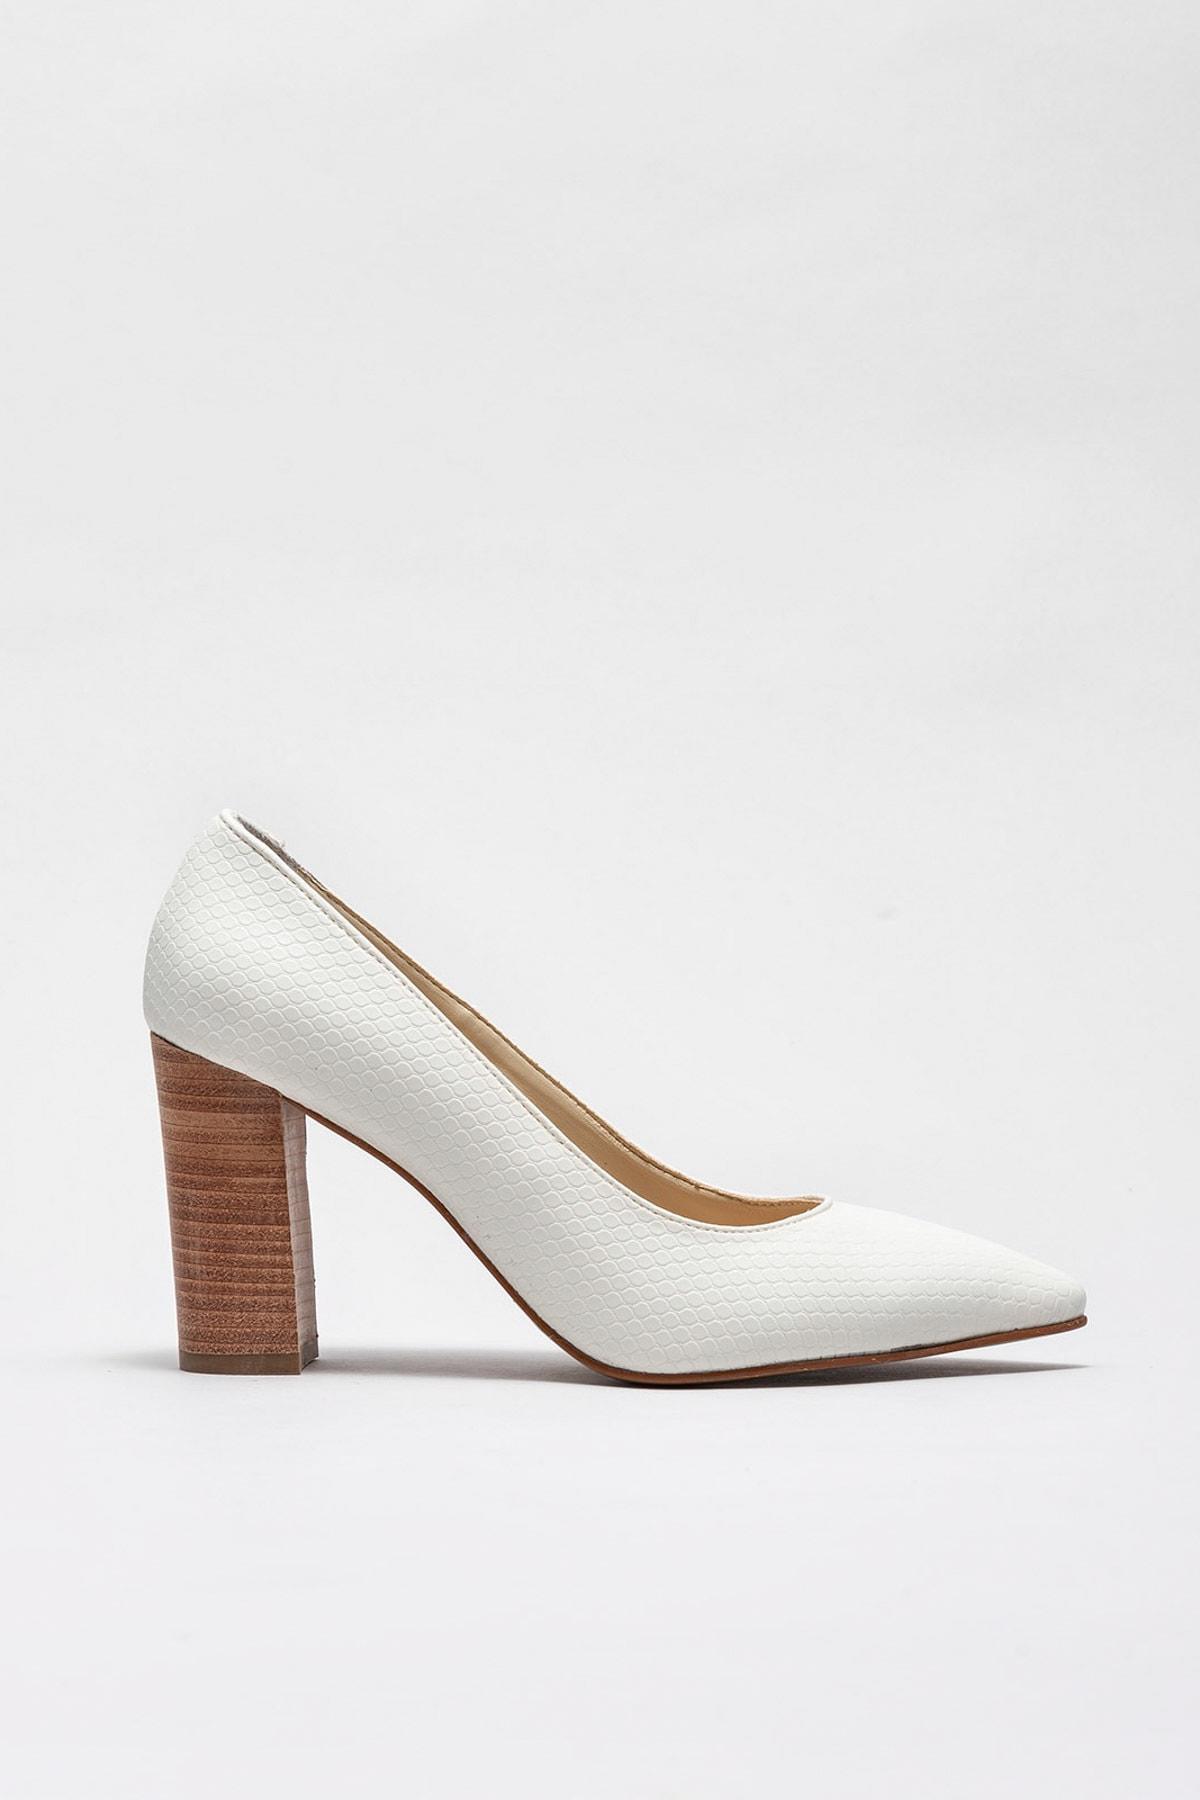 Elle Shoes Kadın Casual Ayakkabı Evelıa-1